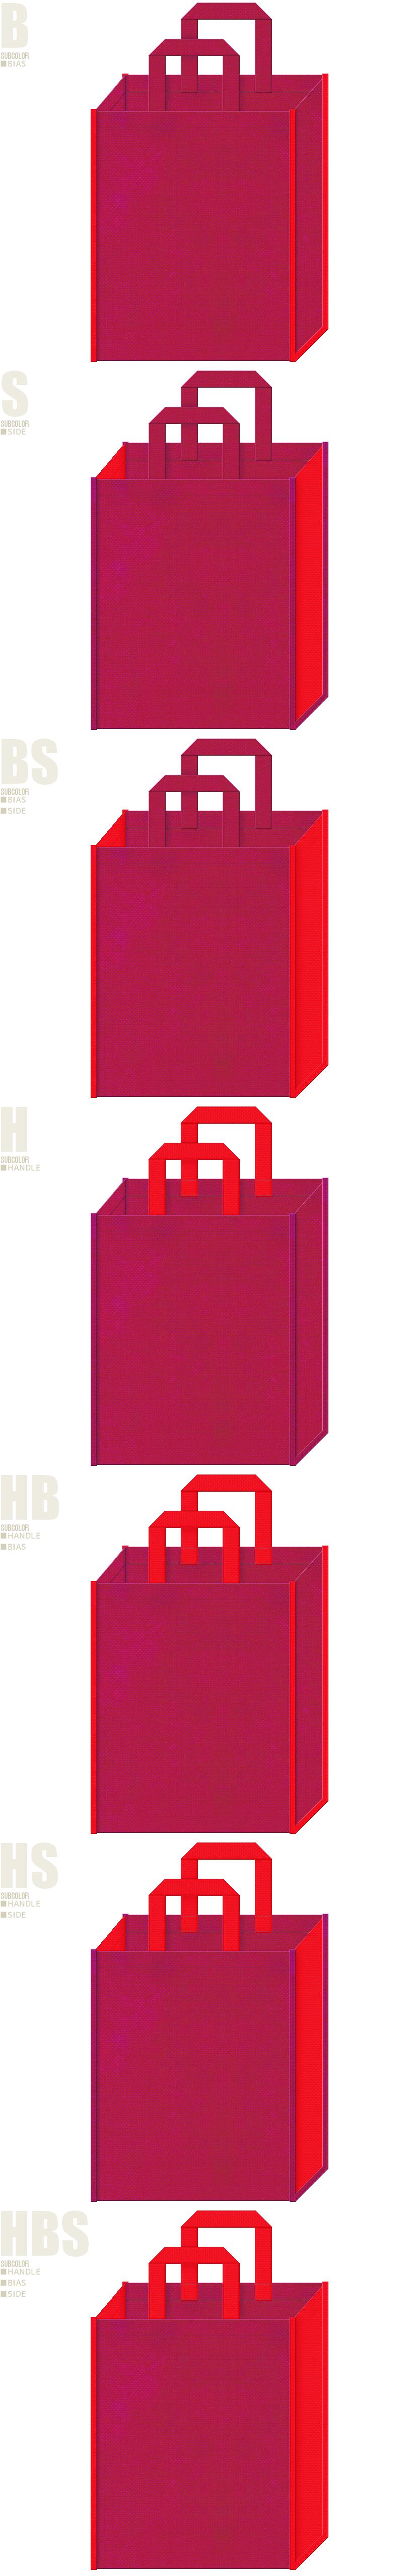 祇園・舞妓・絢爛・花吹雪・茶会・和傘・邦楽演奏会・花火大会・観光・お祭り・法被・お正月・和風催事・福袋にお奨めの不織布バッグデザイン:濃いピンク色と赤色の配色7パターン